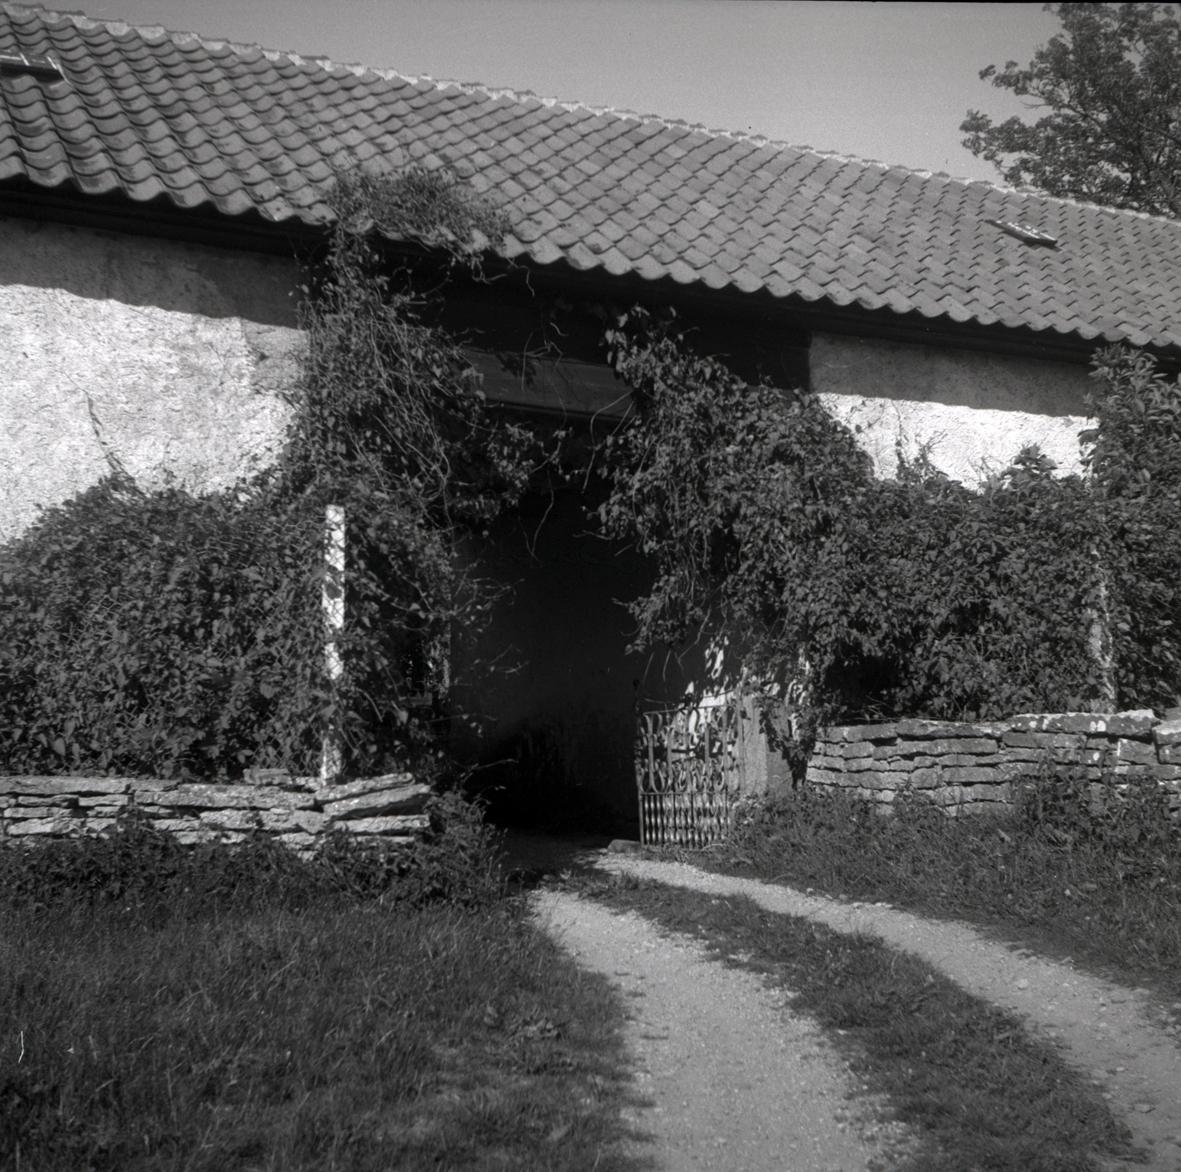 Prästgården i Sandby, kalkstensmur och ekonomibyggnad.